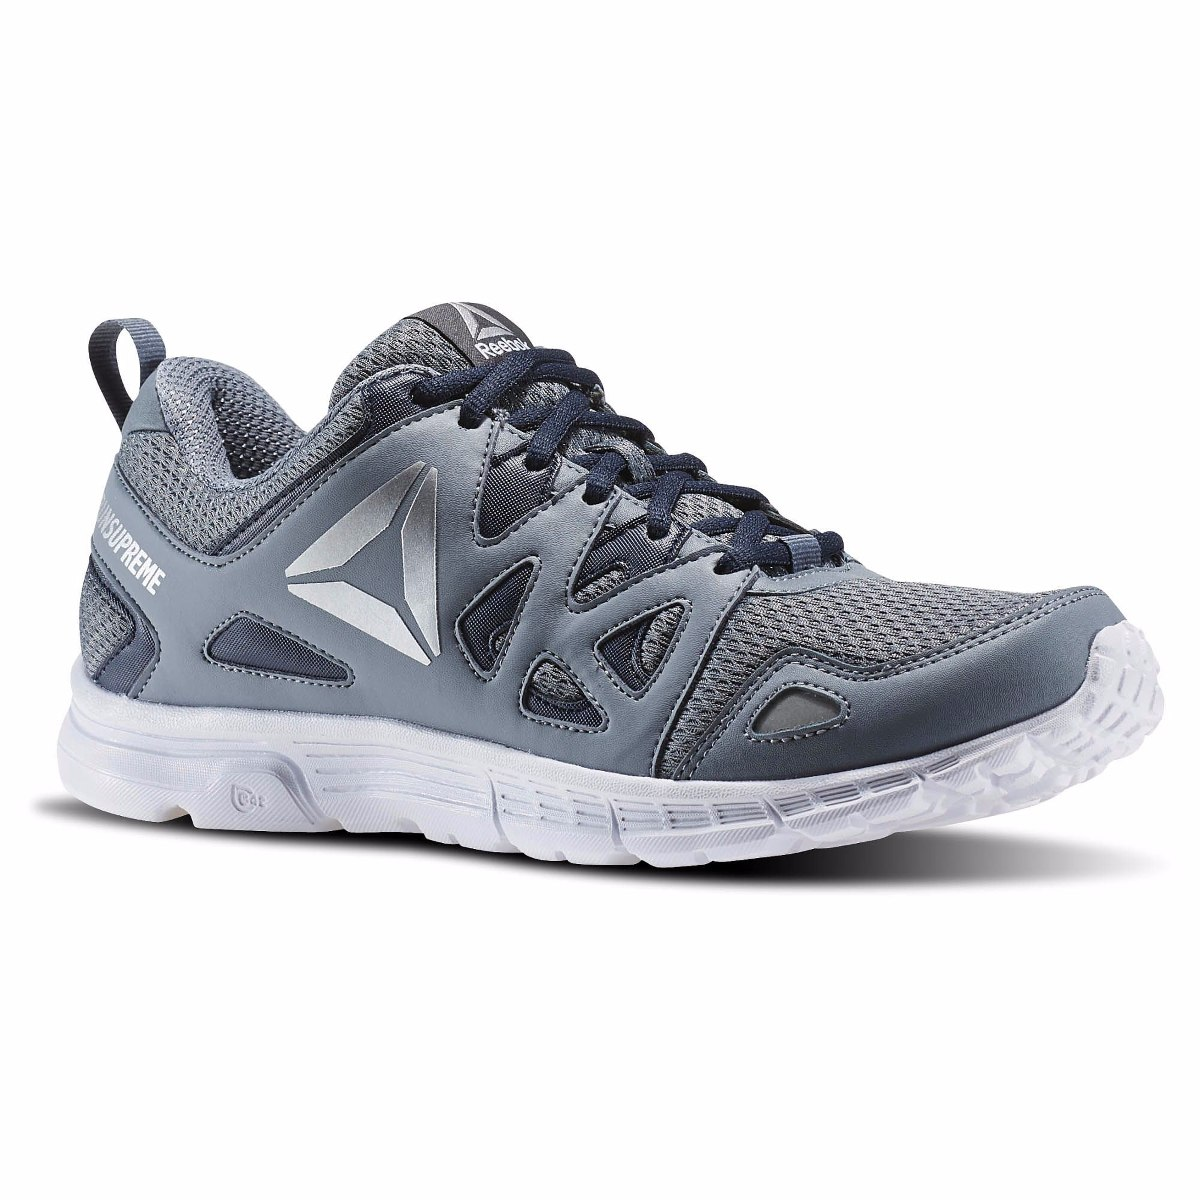 f1615f2ea zapatillas reebok running run supreme 3.0 gris. Cargando zoom.